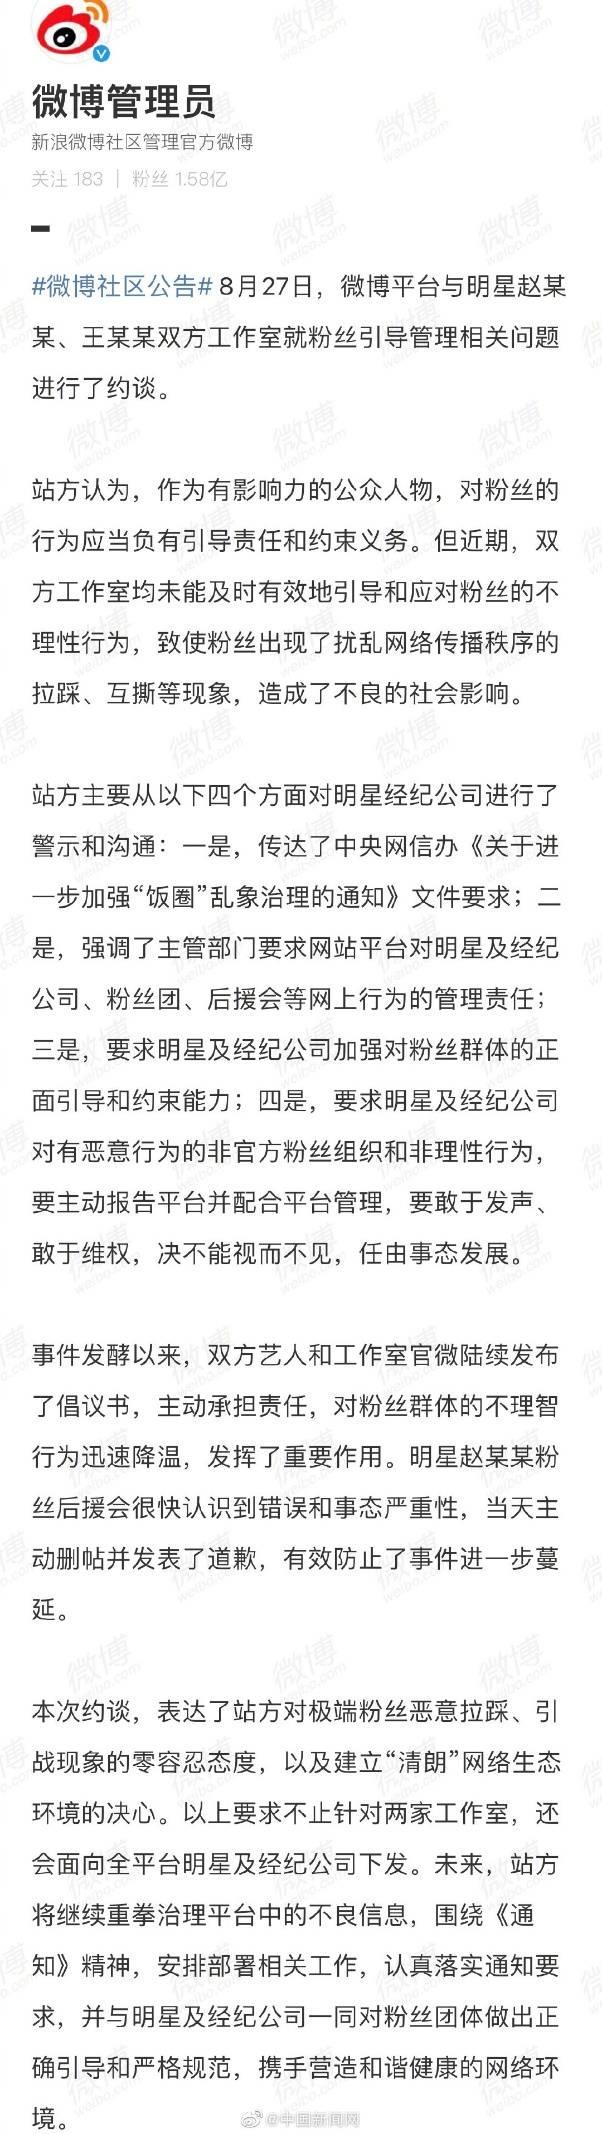 微博约谈赵丽颖王一博工作室  要求对粉丝非理性行为不能视而不见